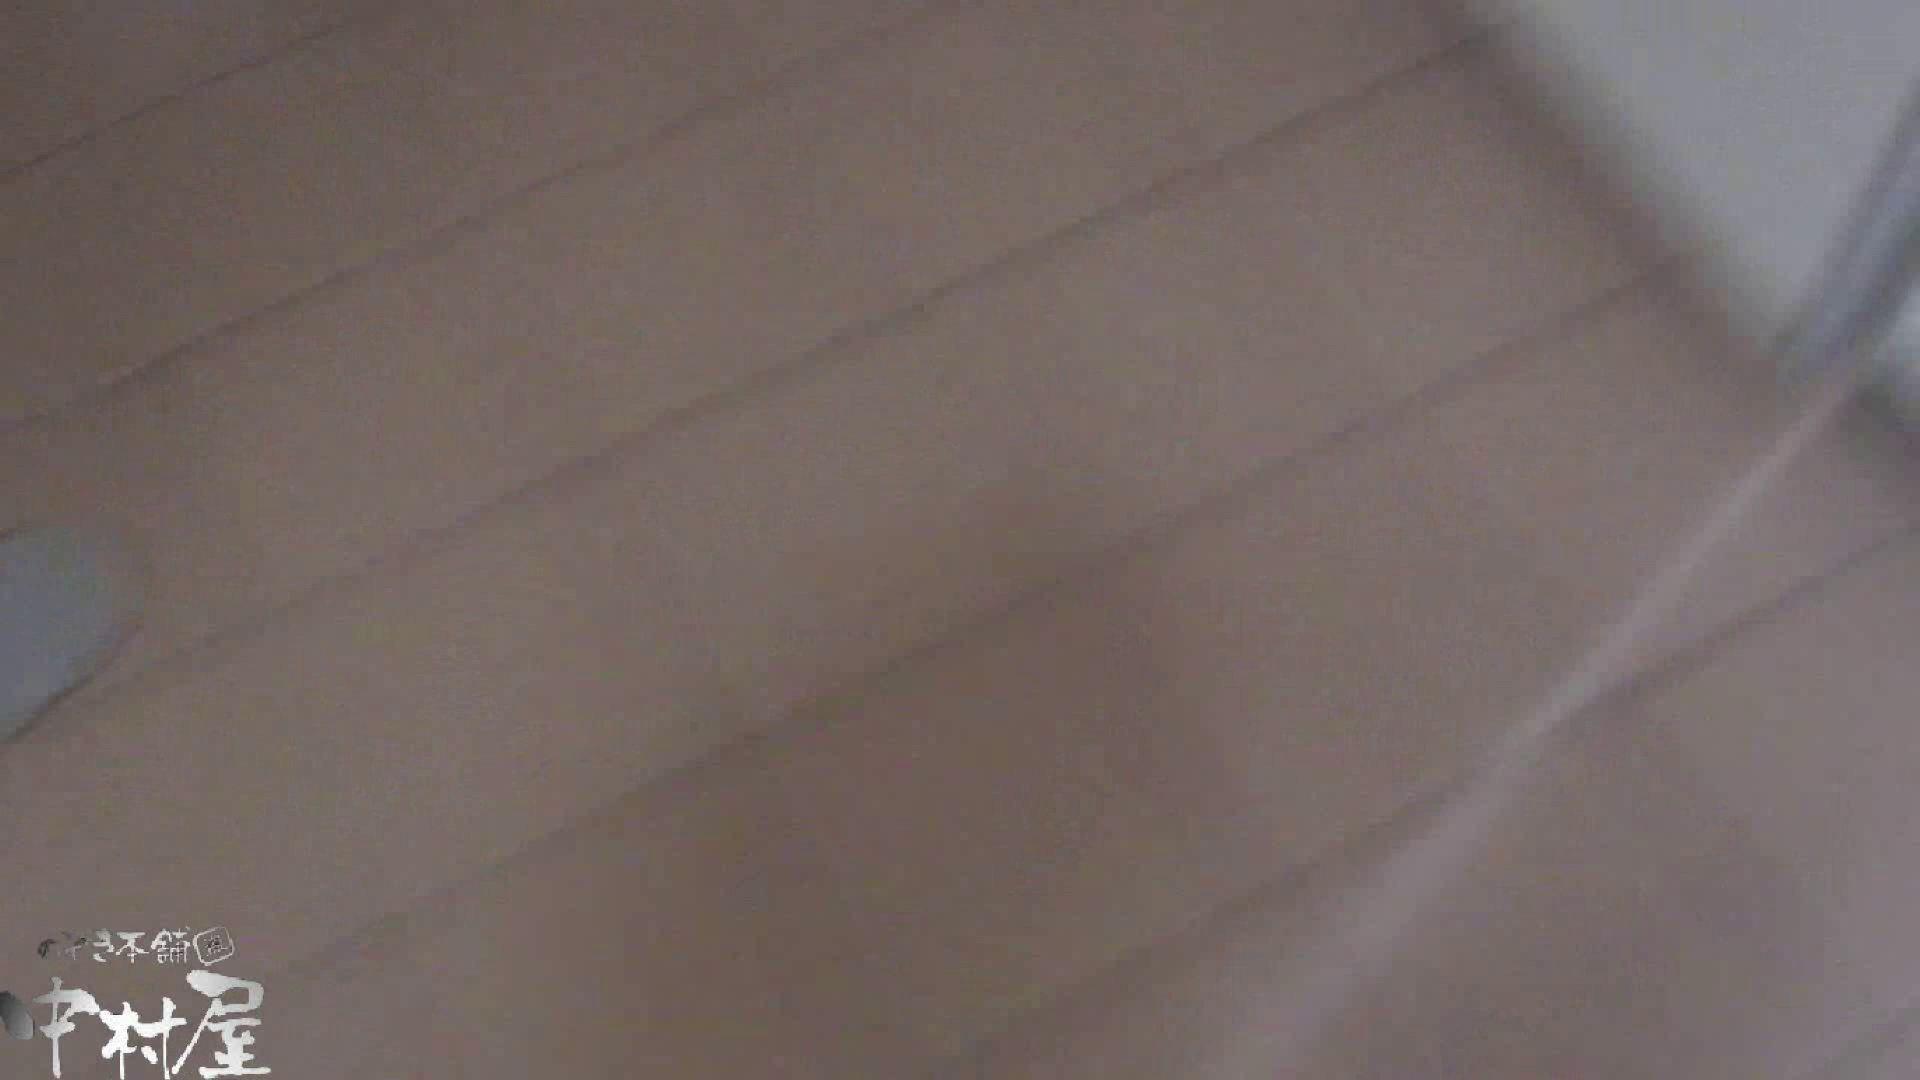 魂のかわや盗撮62連発! ドデカイ空爆! 14発目! 盗撮シリーズ | 黄金水  92PIX 25